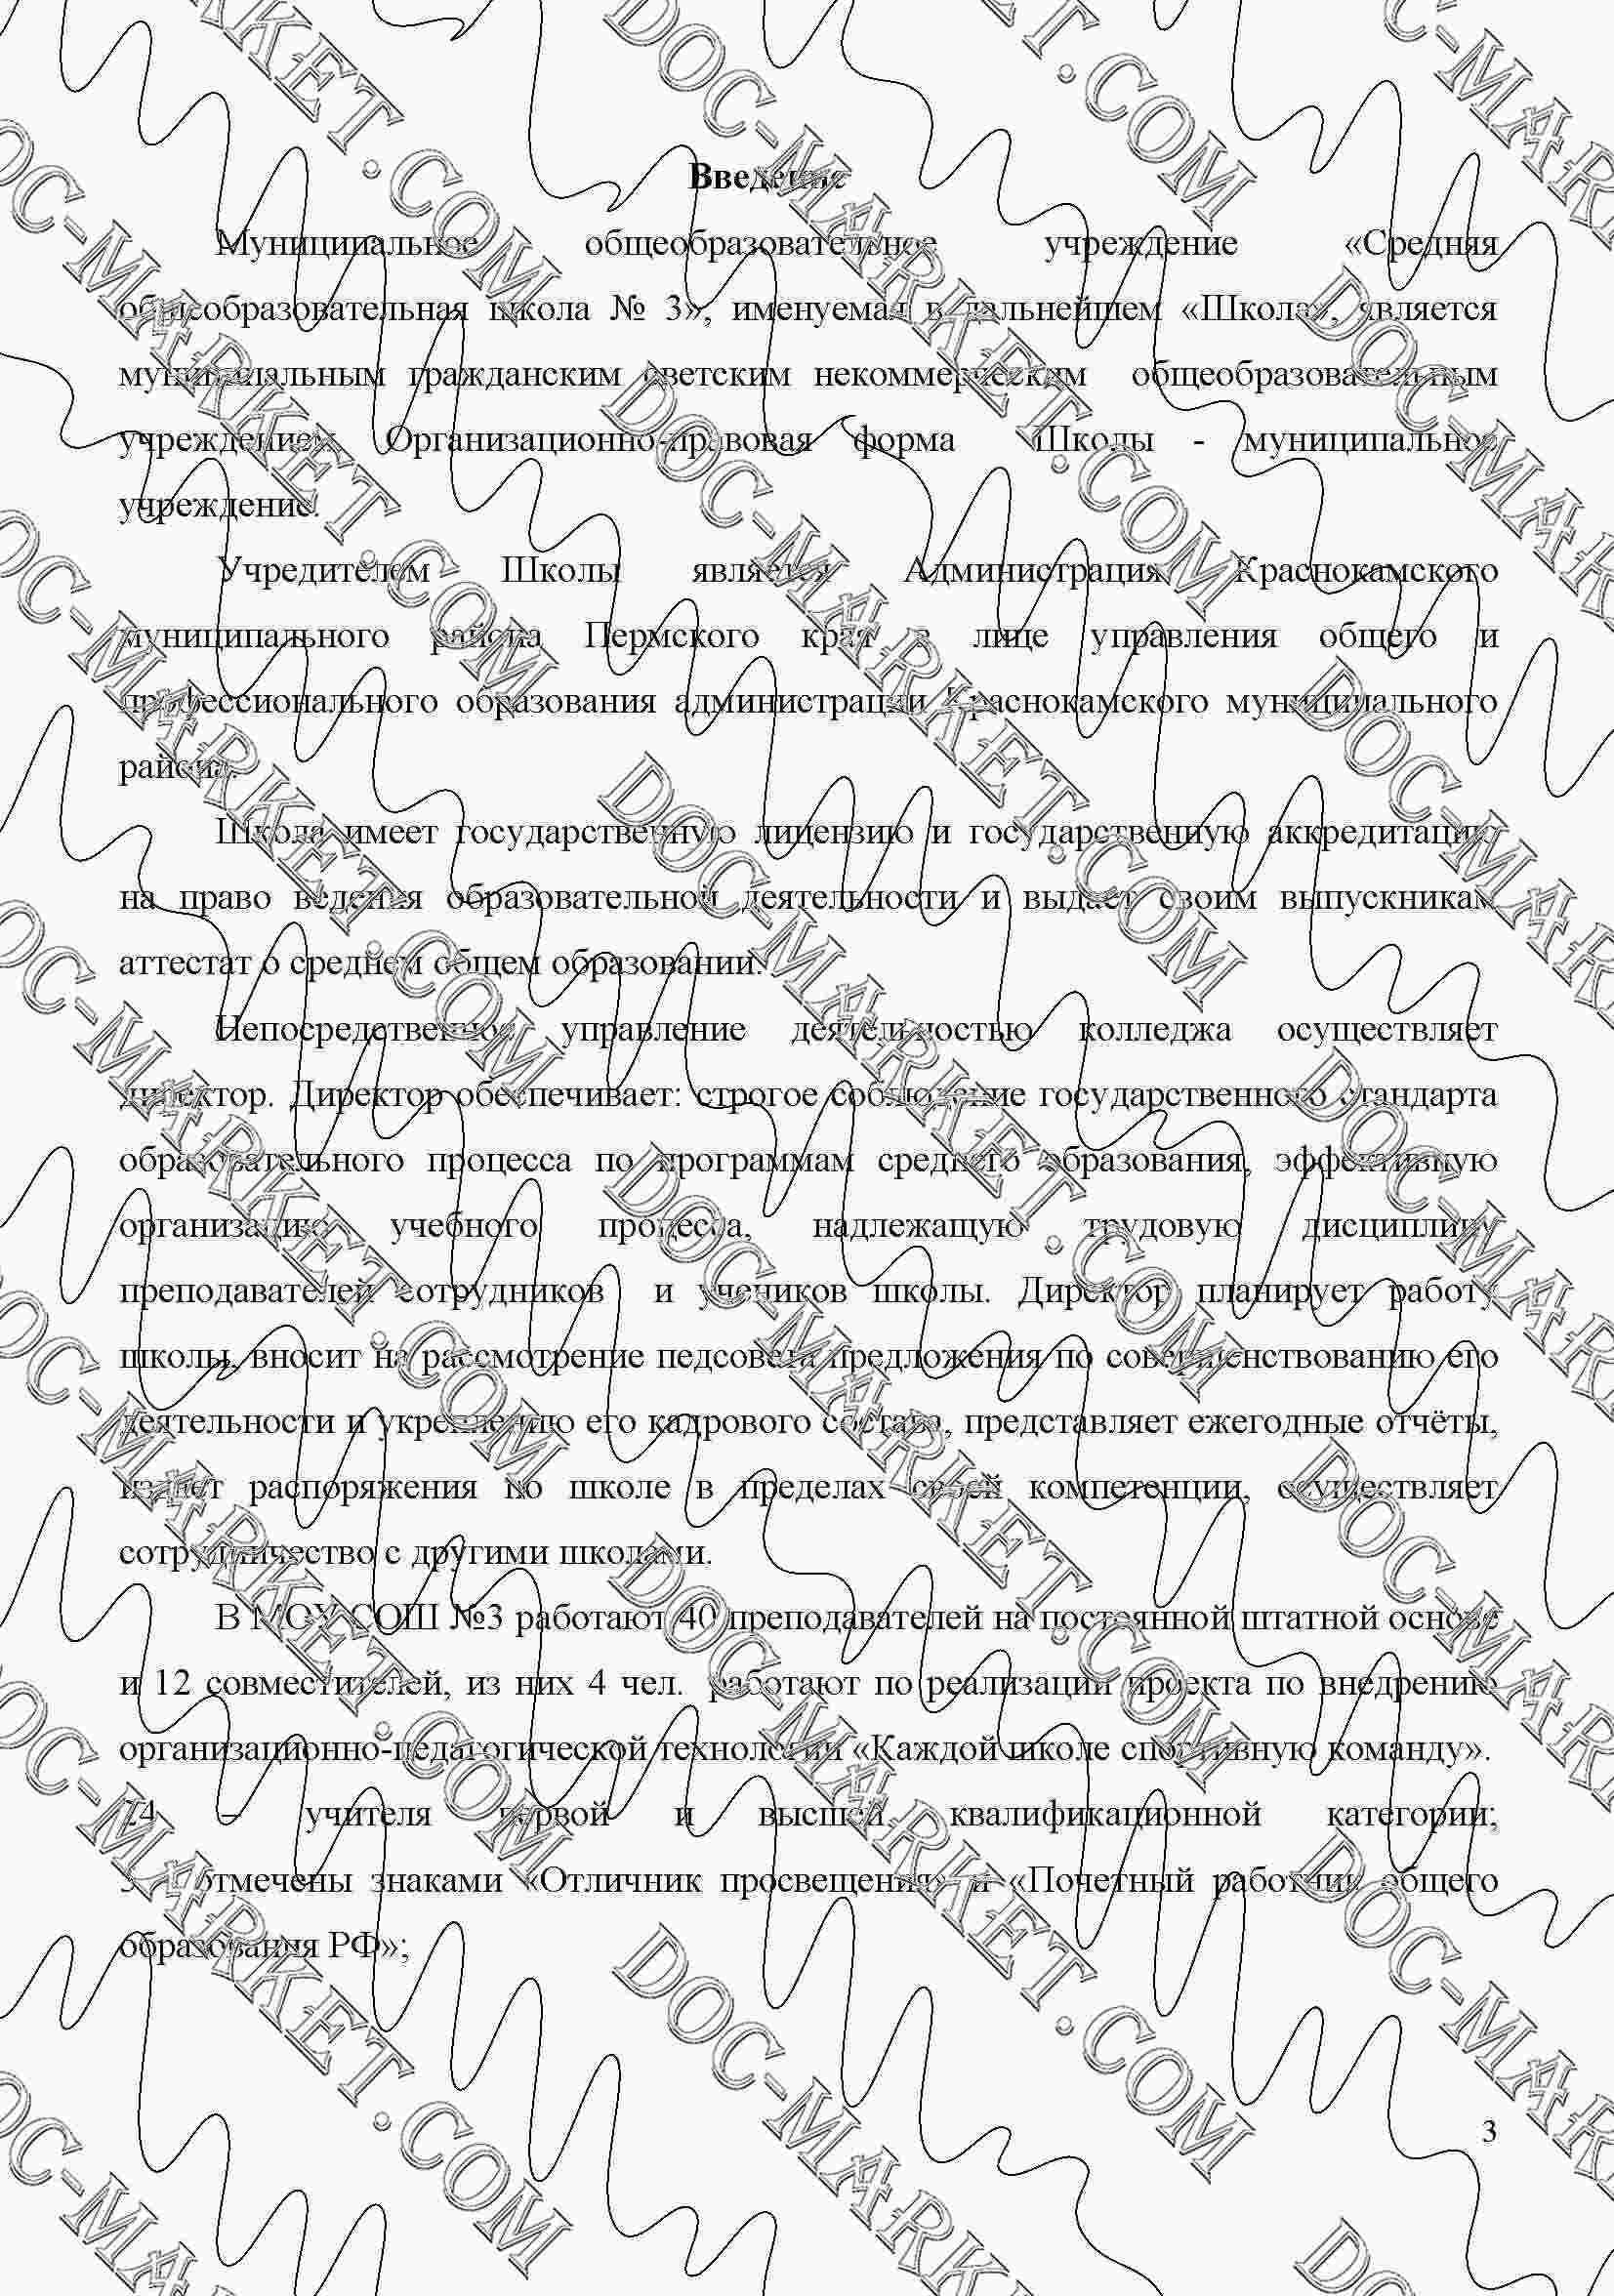 Доклад Отчёт по производственной преддипломной практике  отчет для преддипломной практики программиста